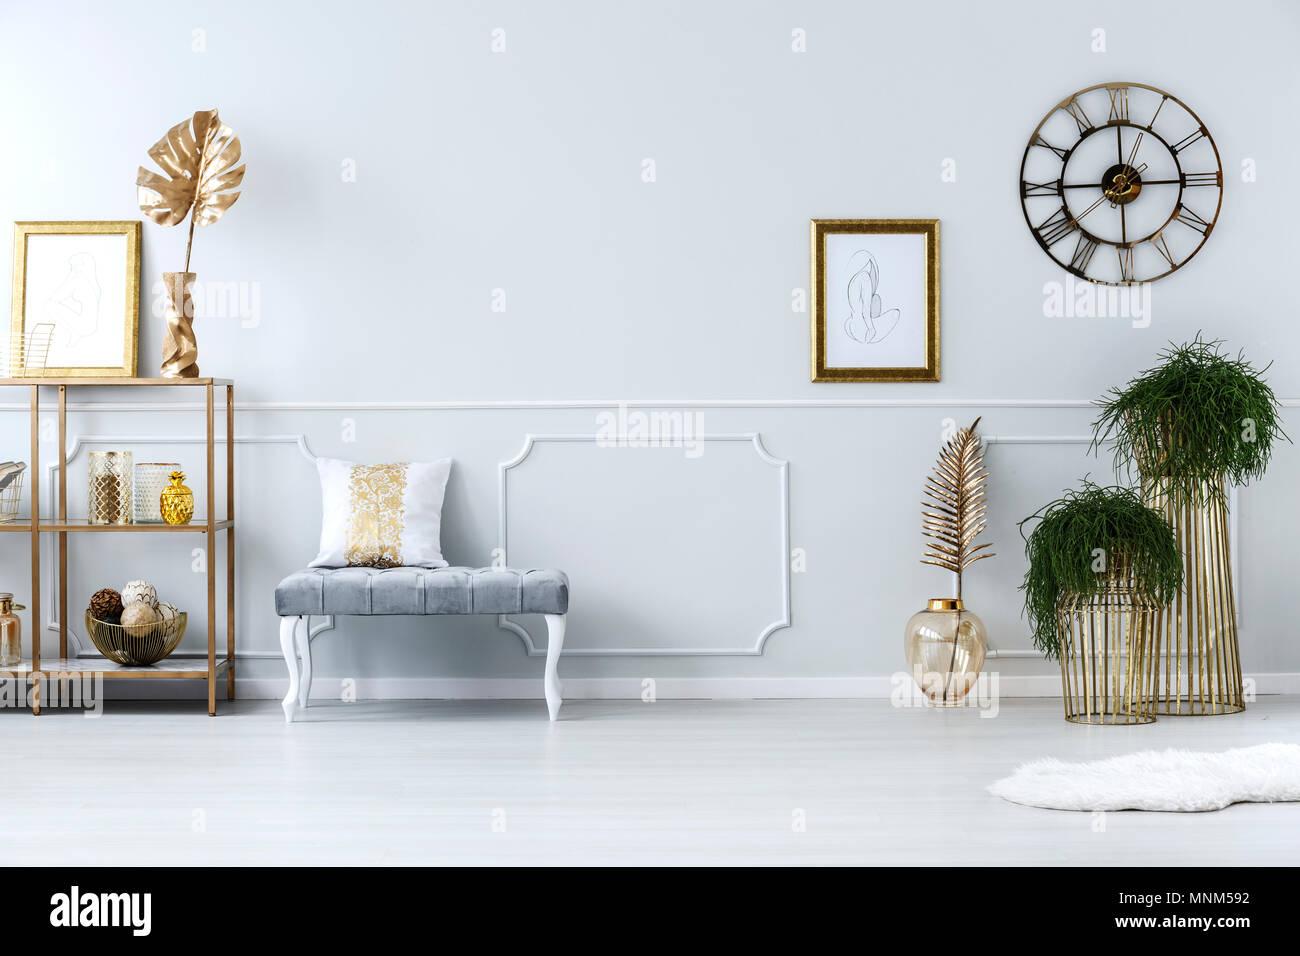 Ripiano in metallo grigio sgabello e piante in vasi d oro in